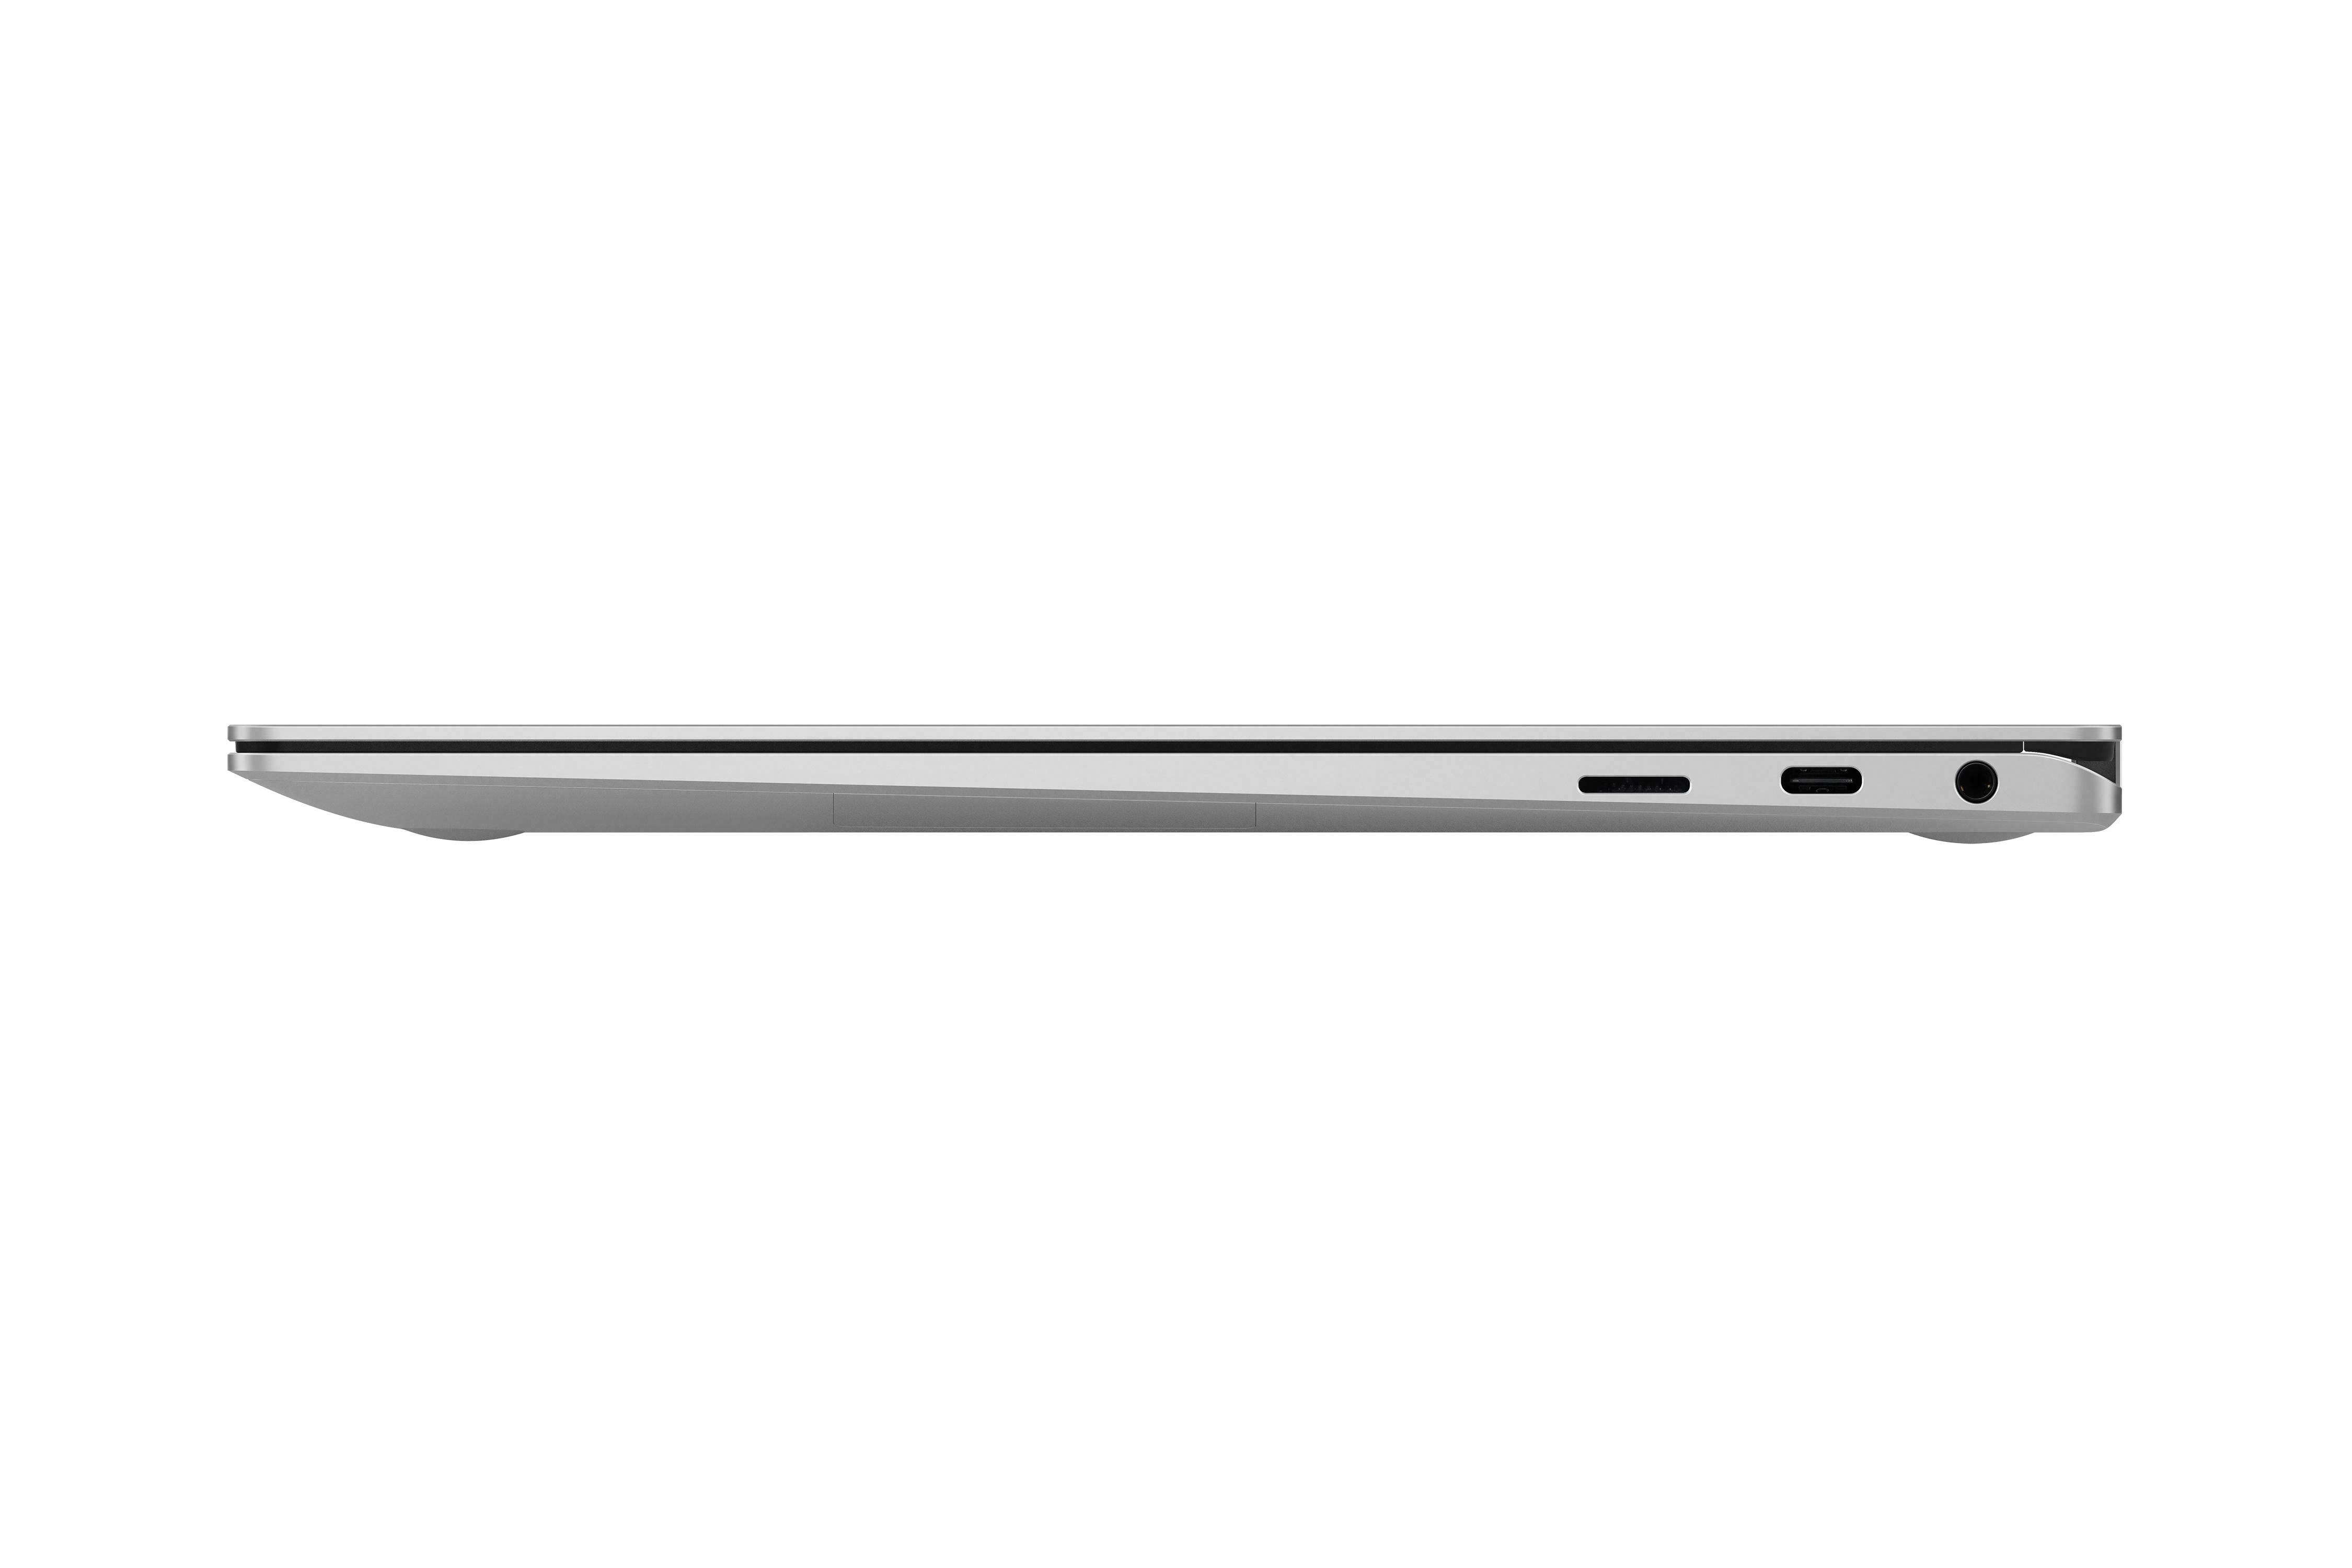 Samsung: Galaxy Books nutzen OLED und große Akkus - Galaxy Book Pro 360 mit 15,6 Zoll (Bild: Samsung)